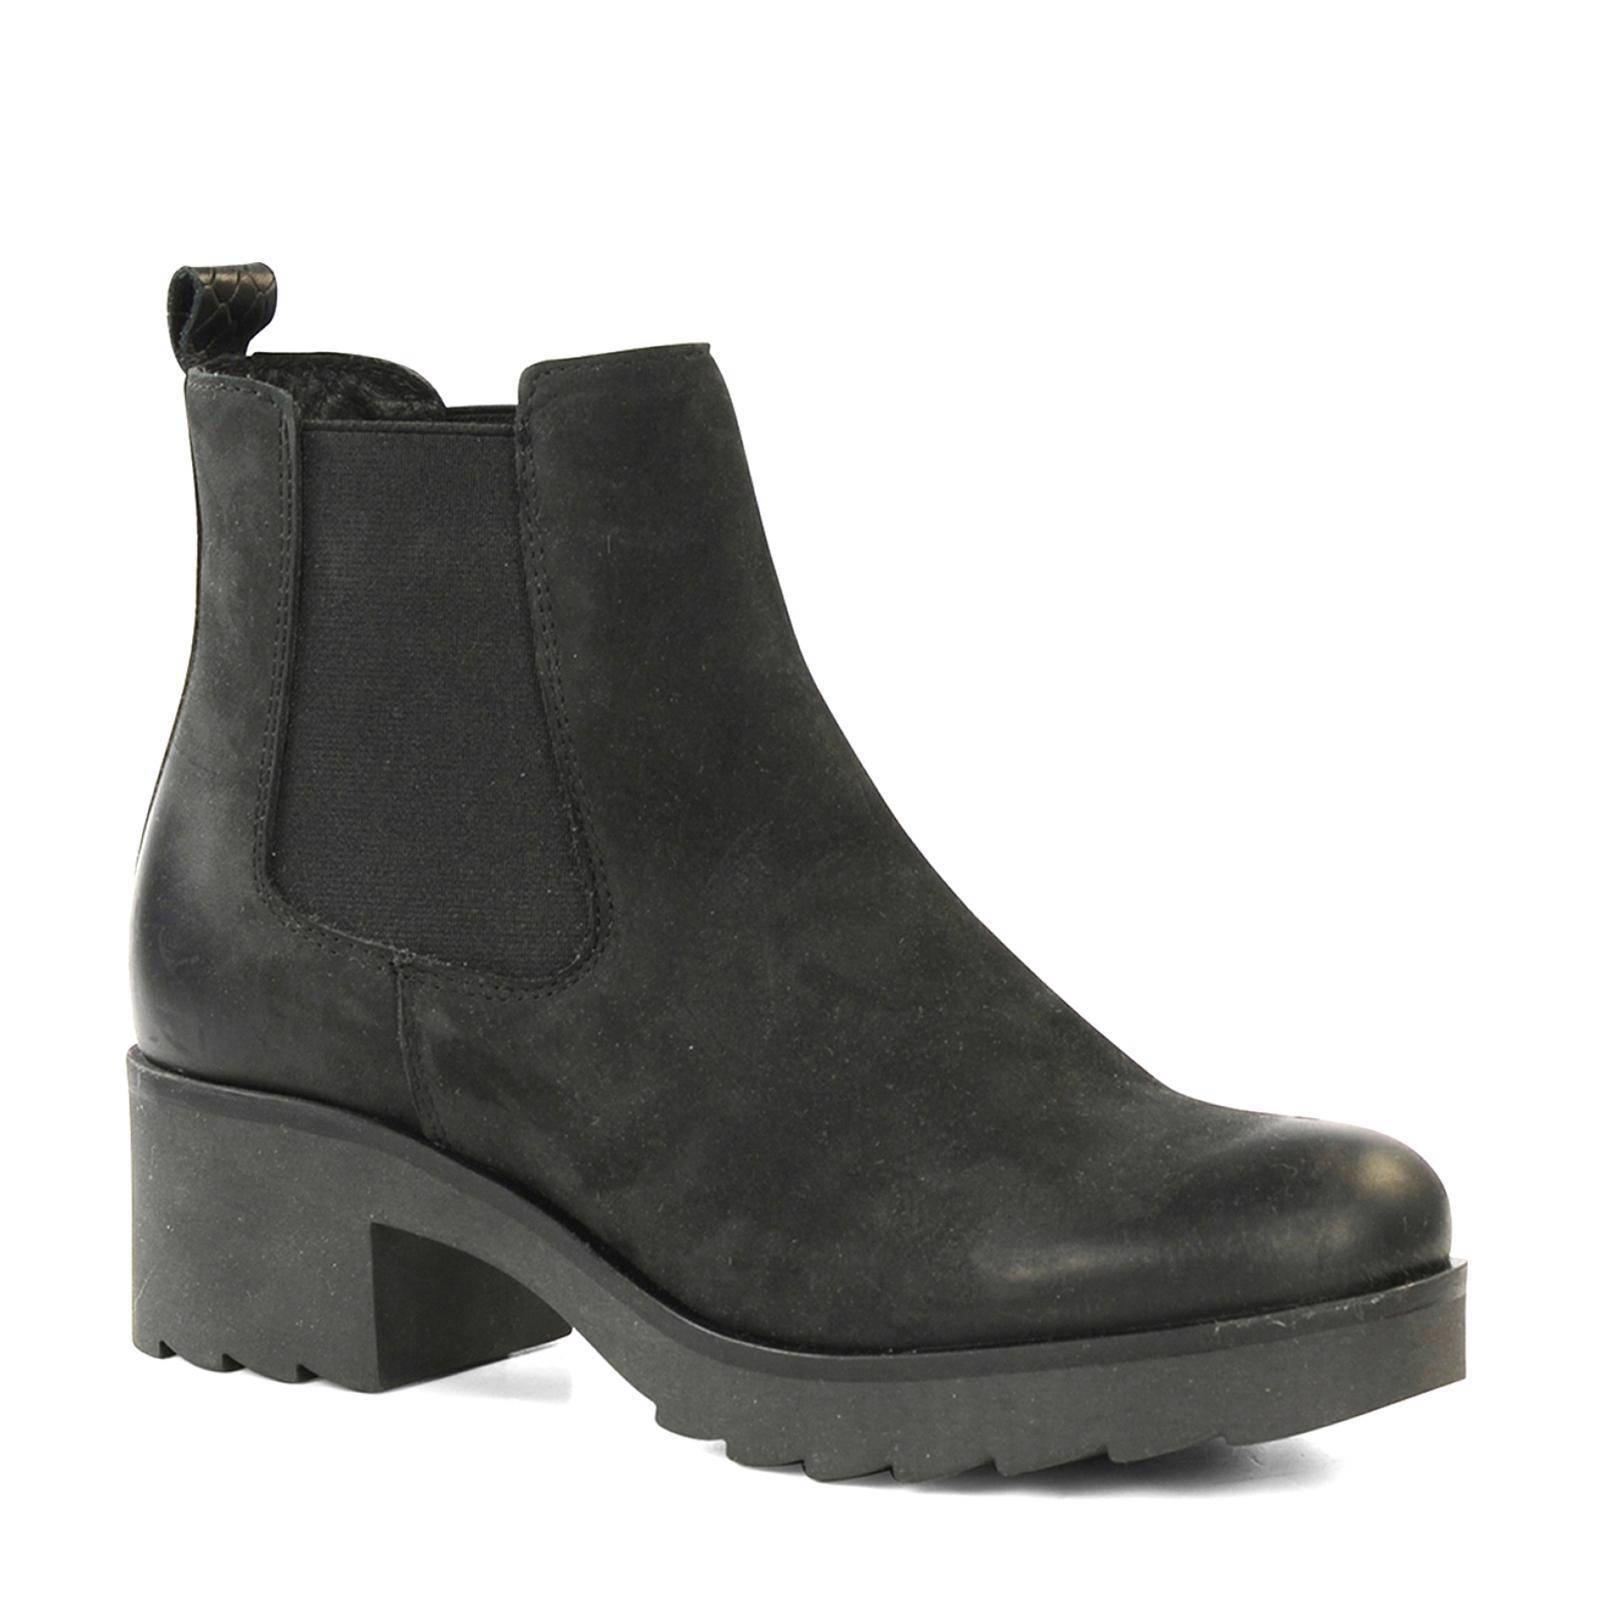 Chaussures Manfield Avec Talon Bloc Avec L'entrée Pour Les Dames t9hjdmF